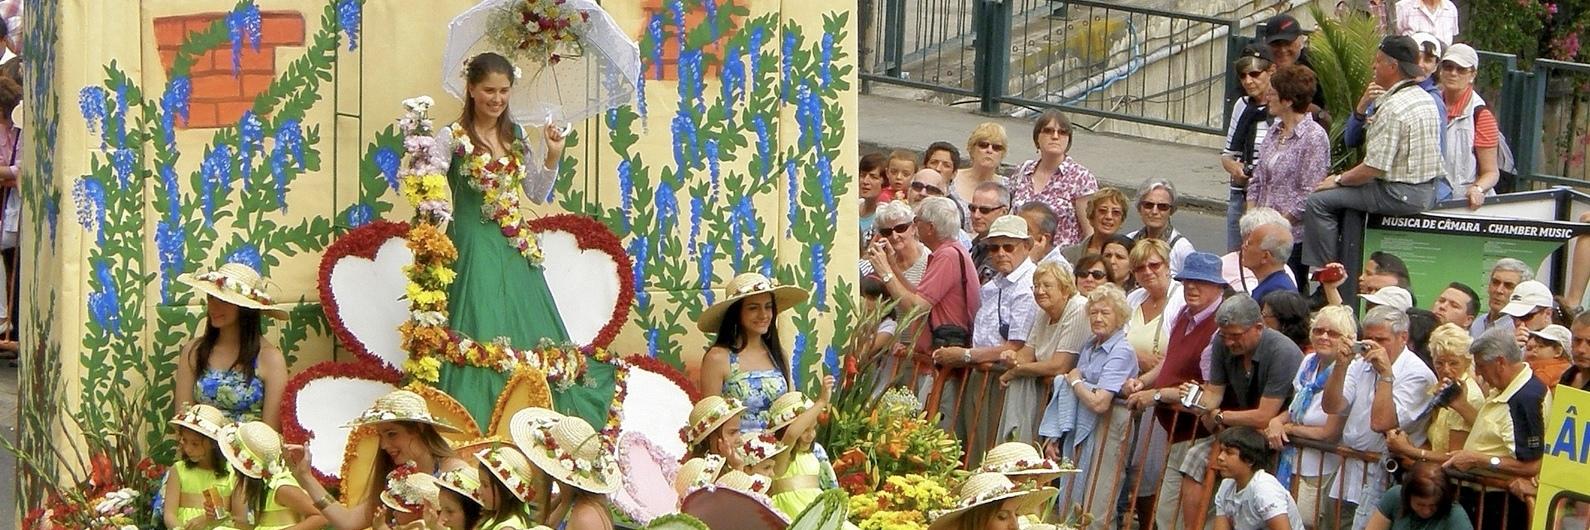 A Festa da Flor no Funchal